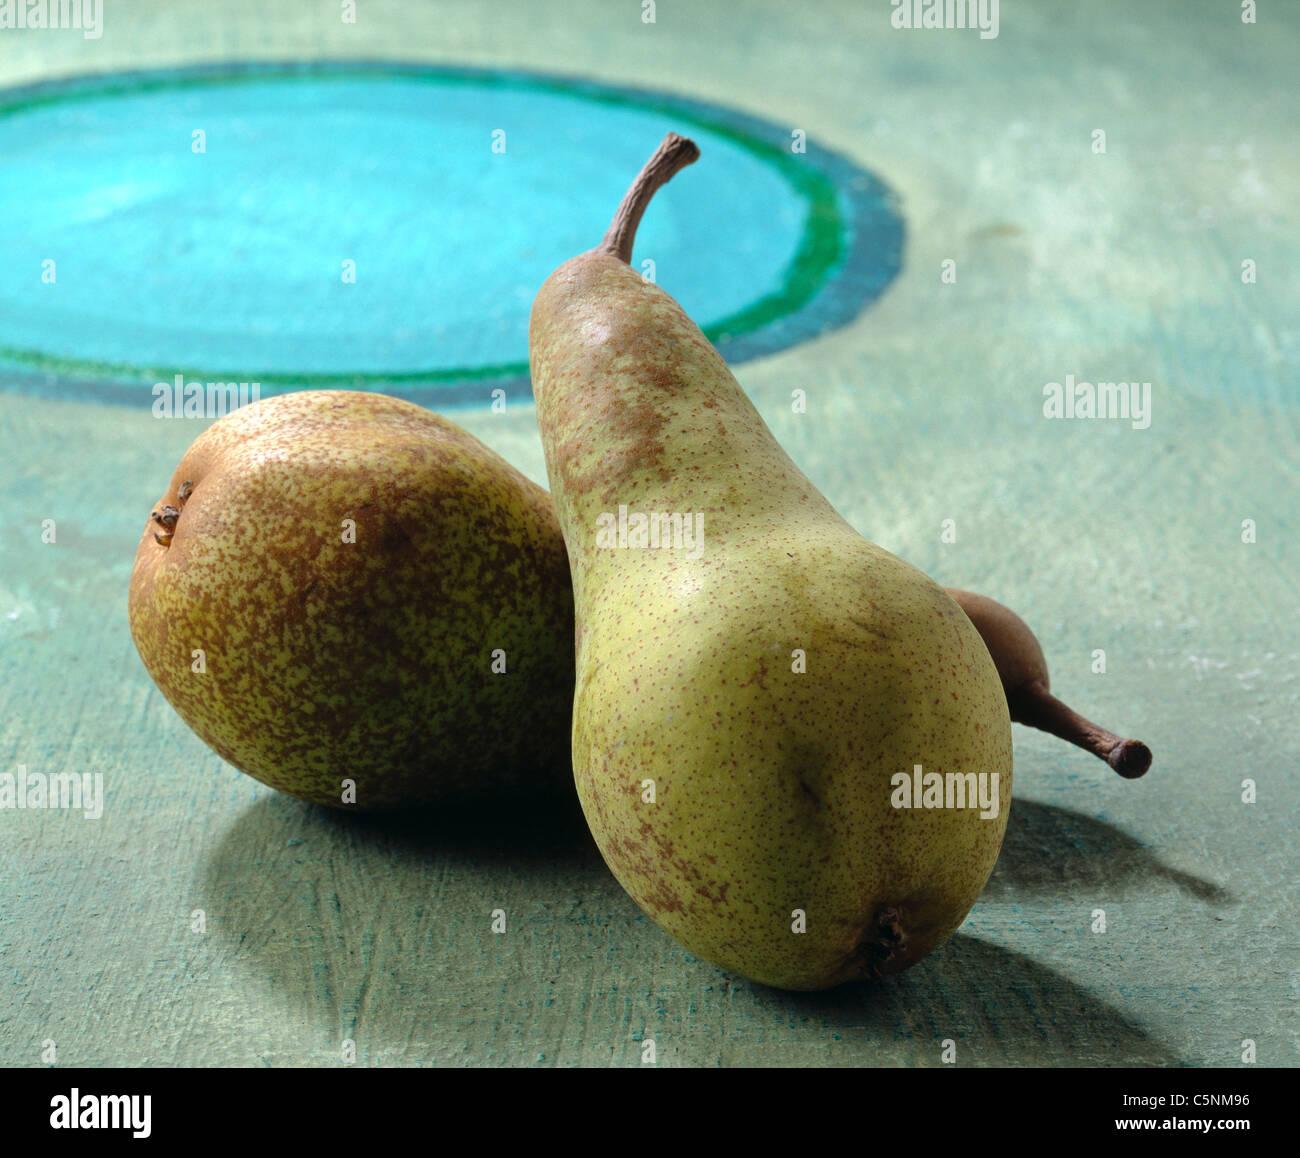 Deux poires sur une table en bois Photo Stock